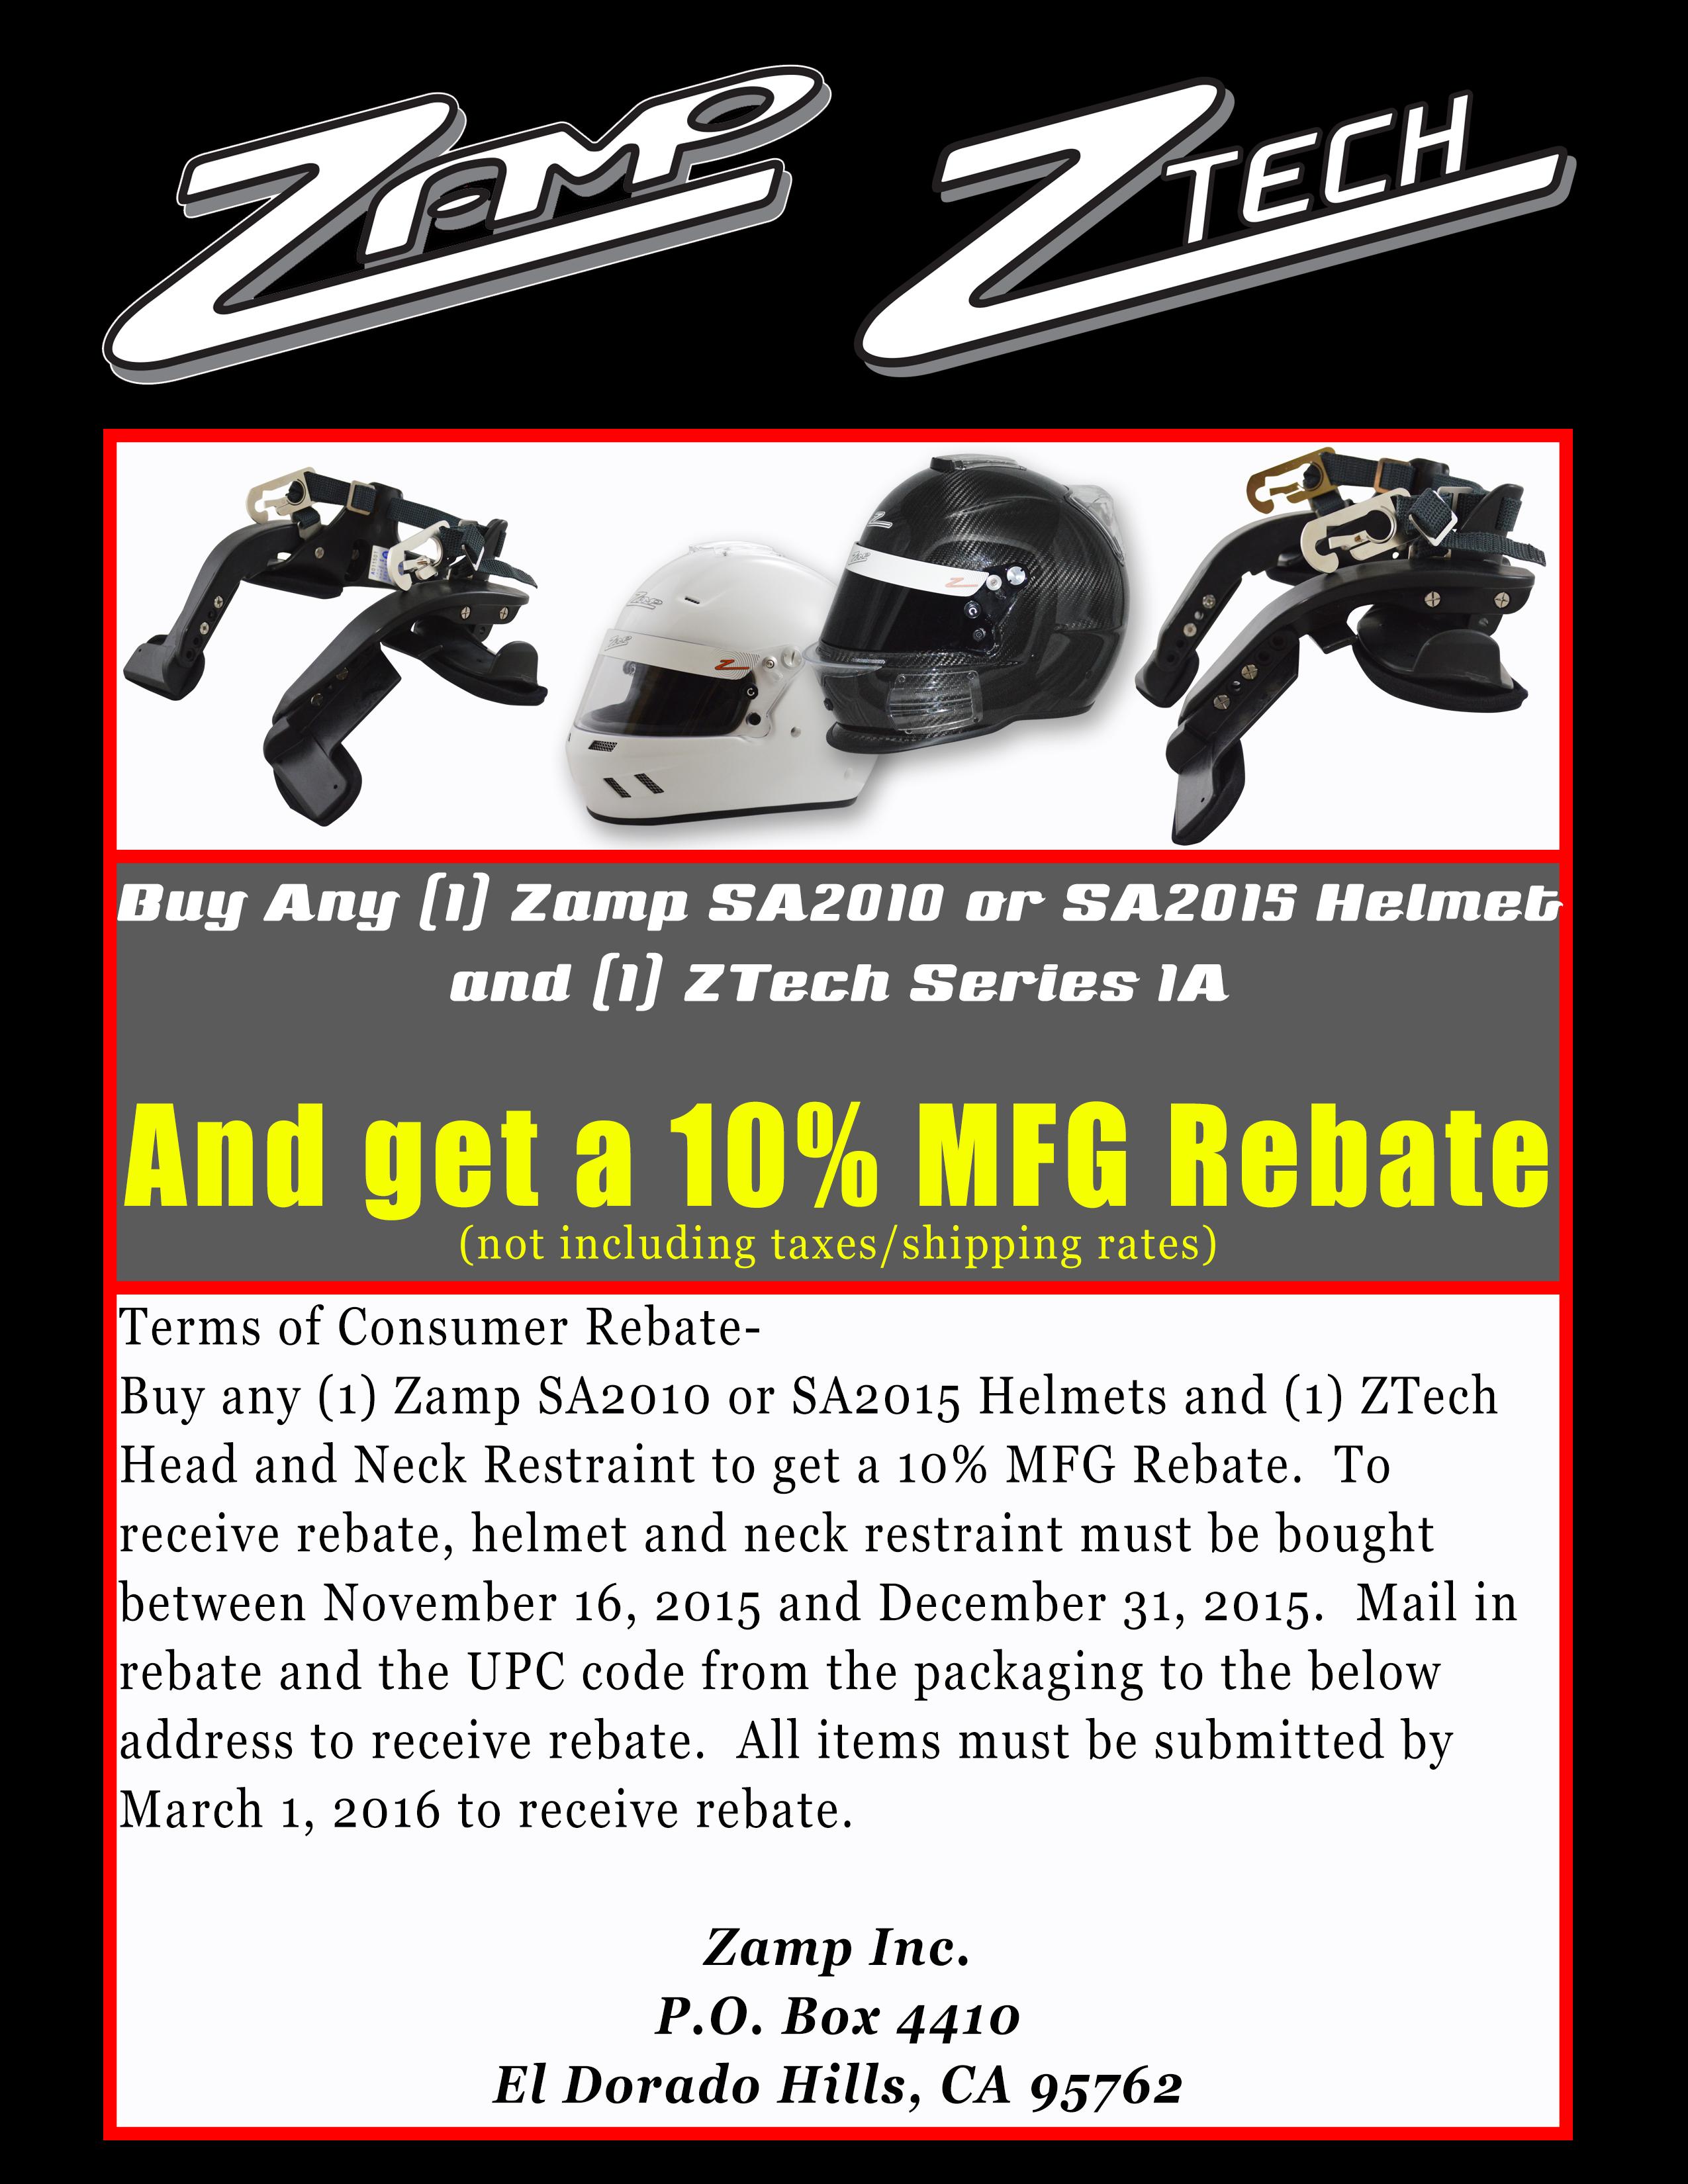 http://www.jegs.com/rebates/zamp/rebate.jpg